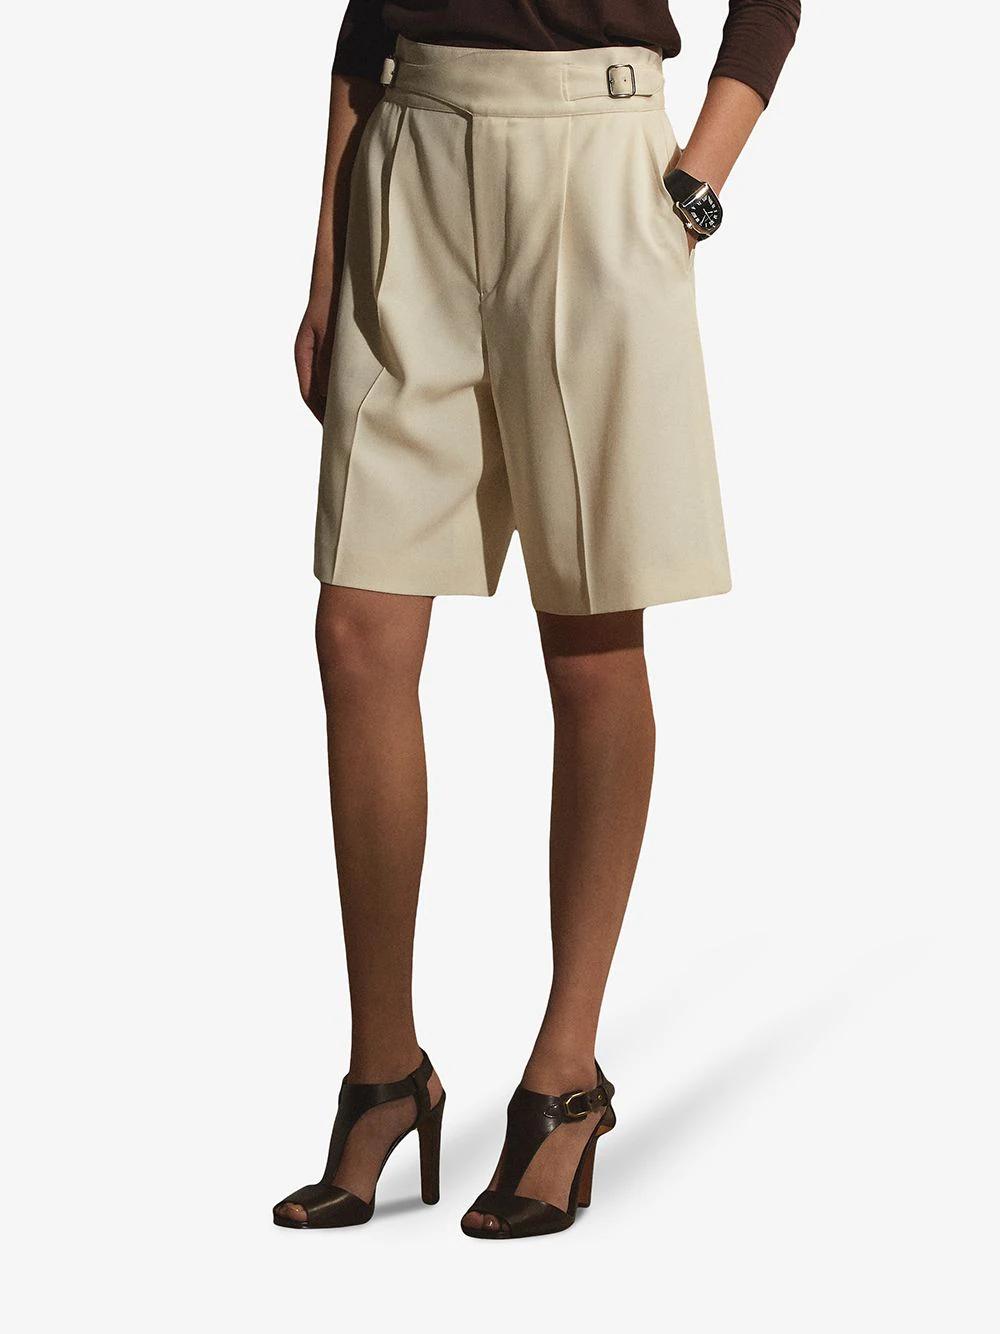 Ralph Lauren Collection High-waisted Knee-length Shorts 1271лв